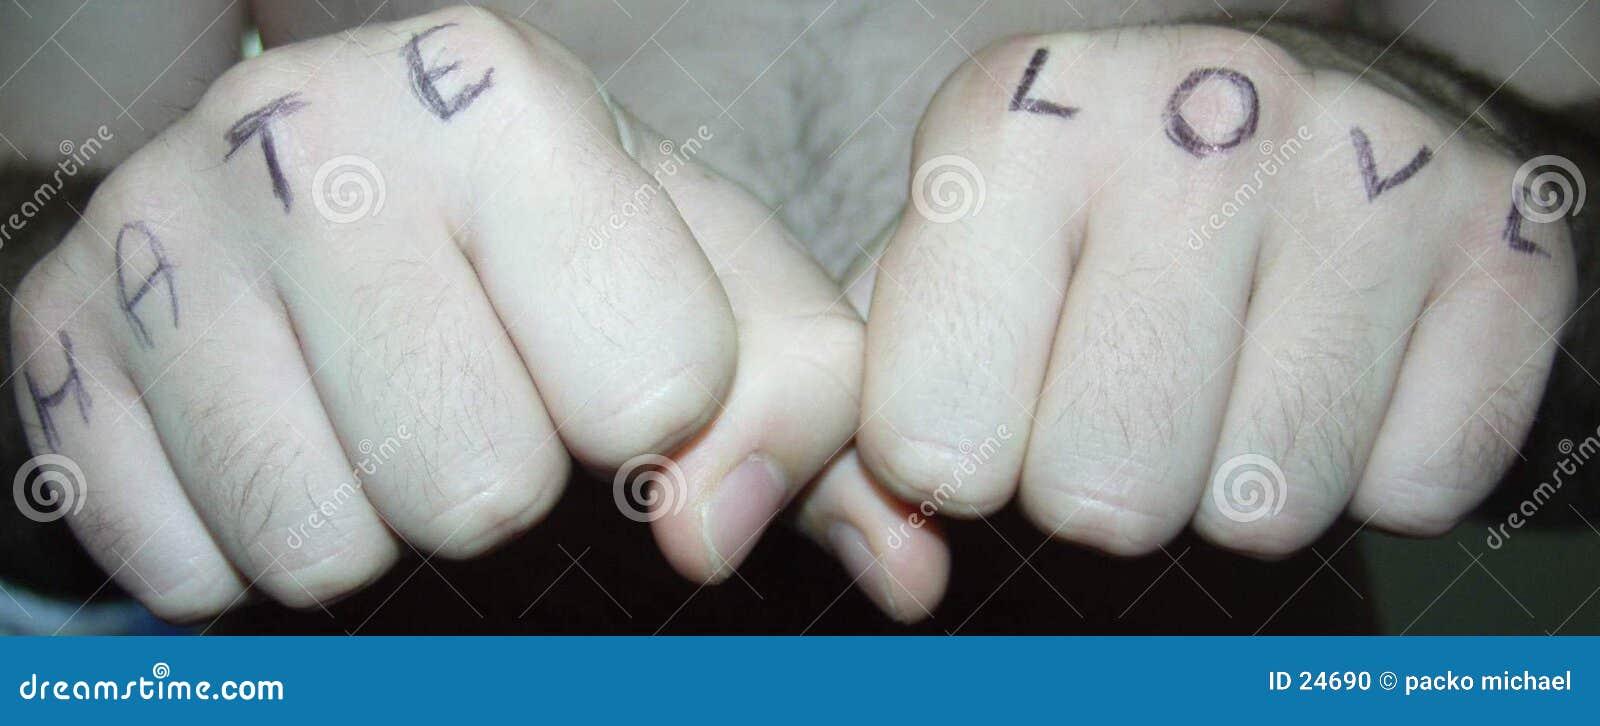 Hände: Liebe und Hass